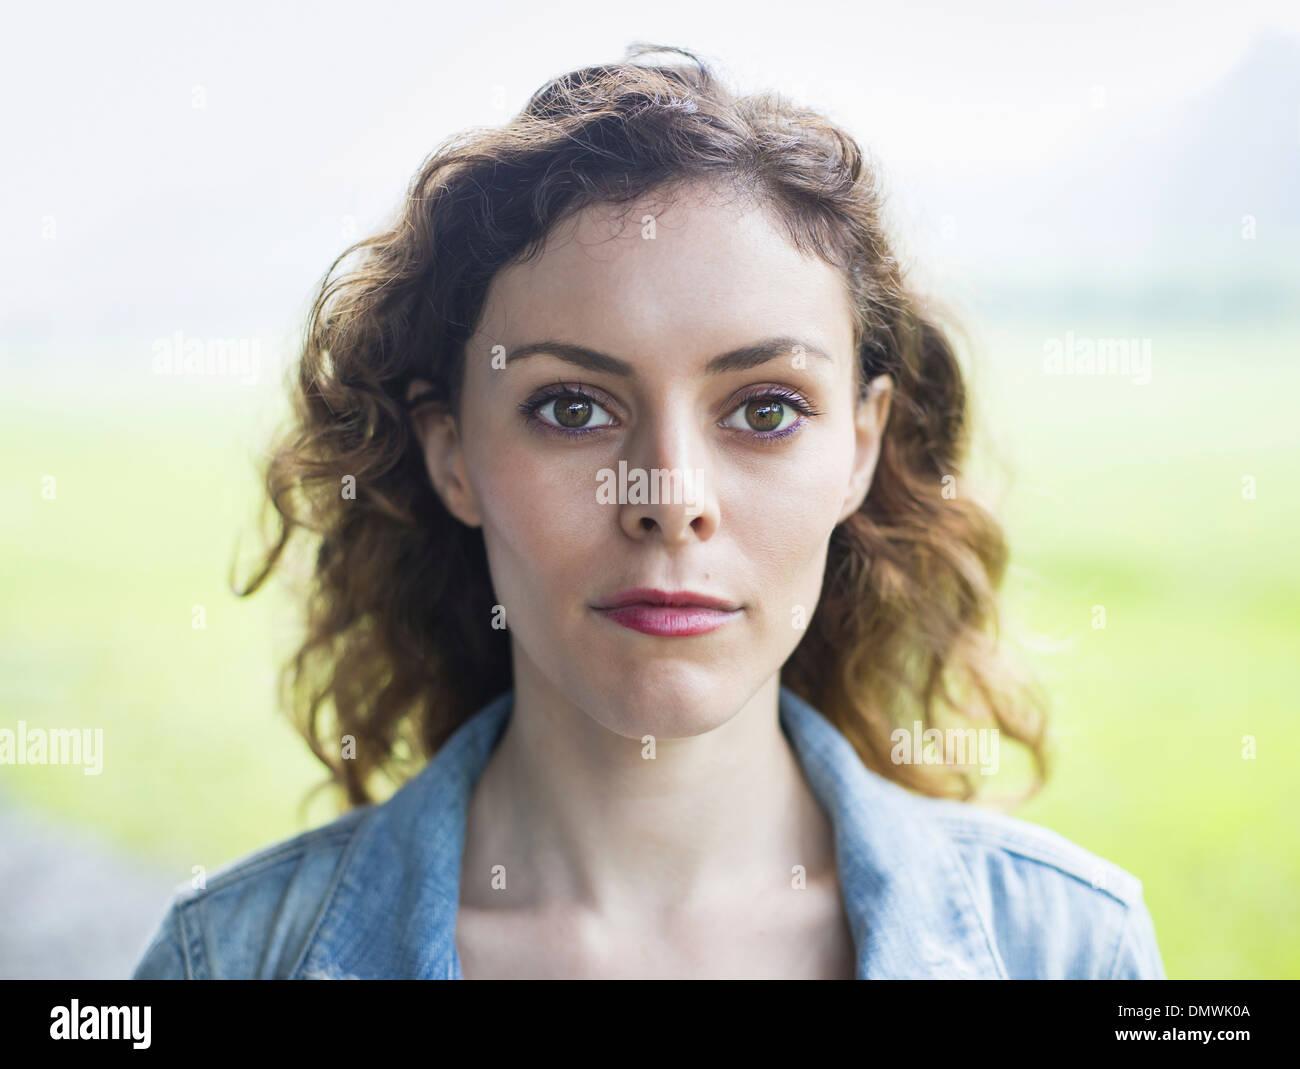 Eine junge Frau in einer ländlichen Landschaft mit vom Wind verwehten lockiges Haar. Stockbild